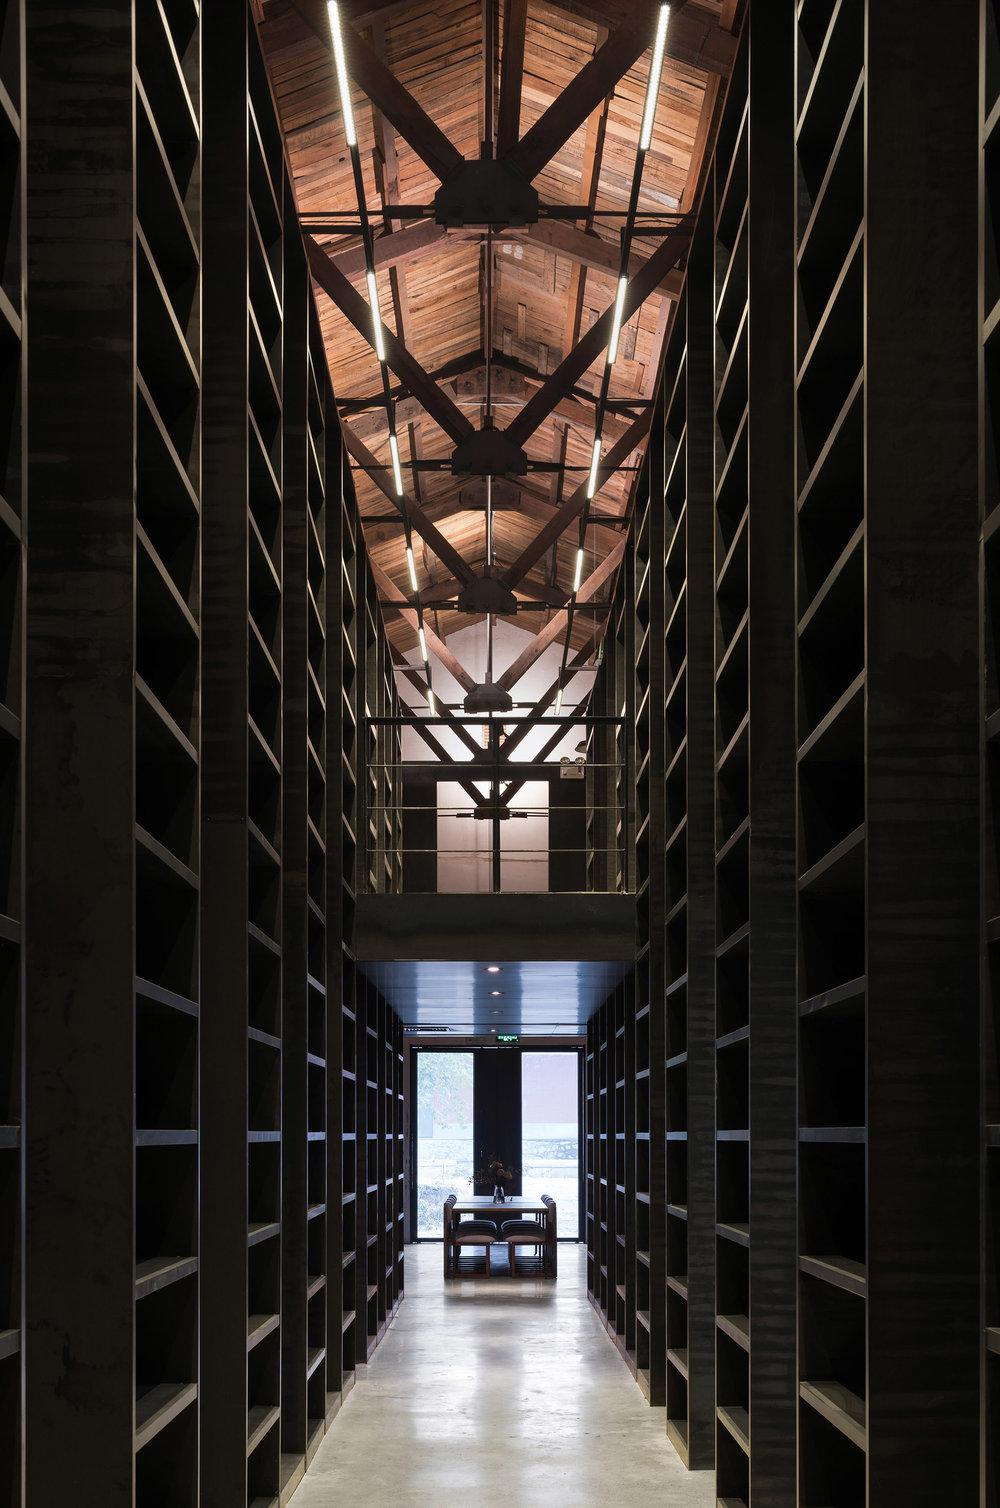 書廊 1 bookshelf corridor 1.jpg